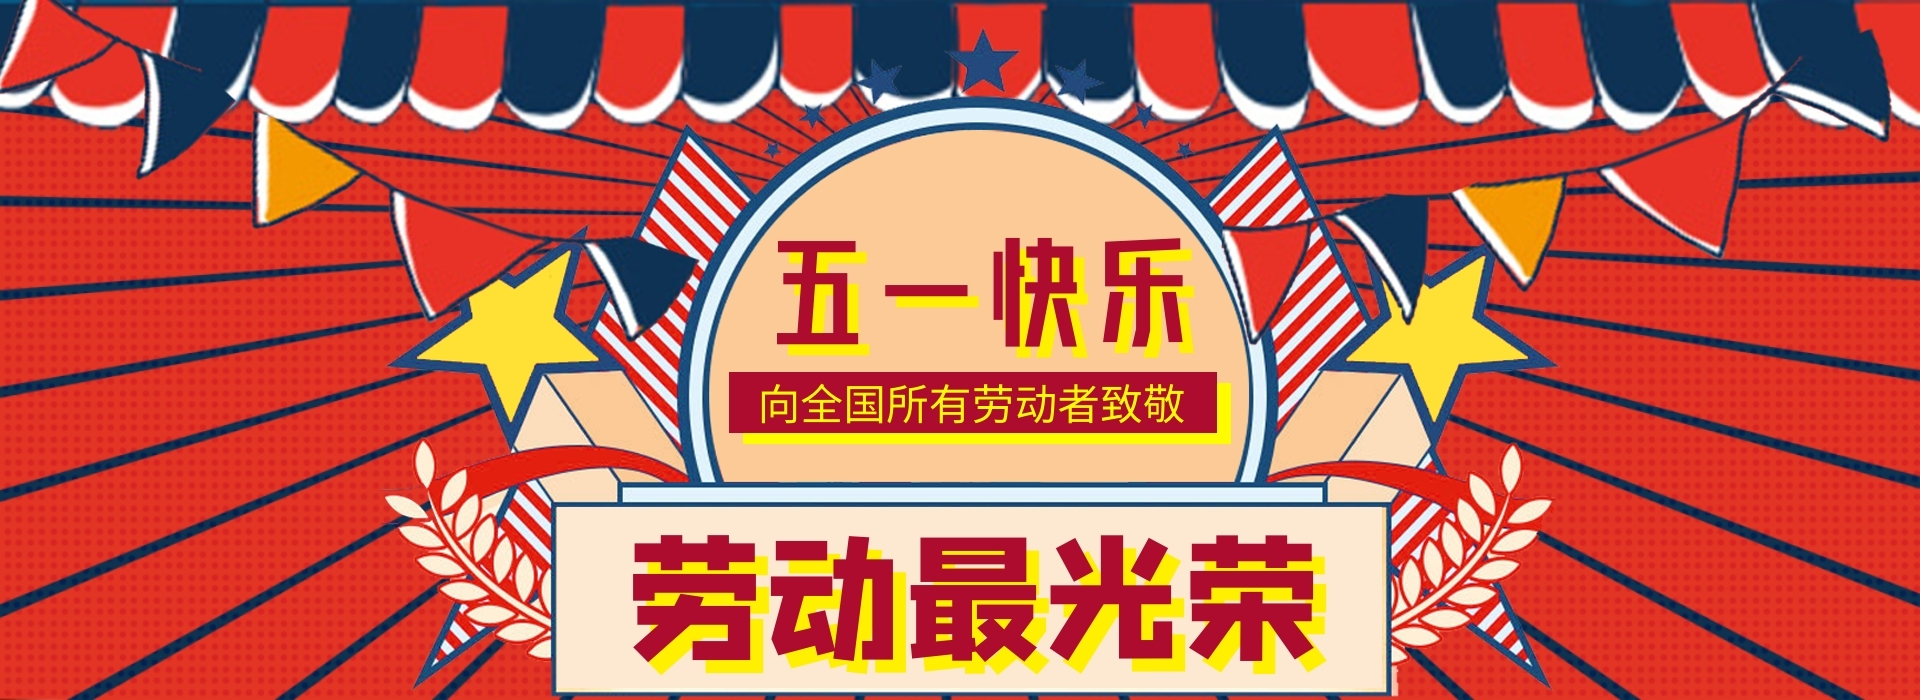 通用banner